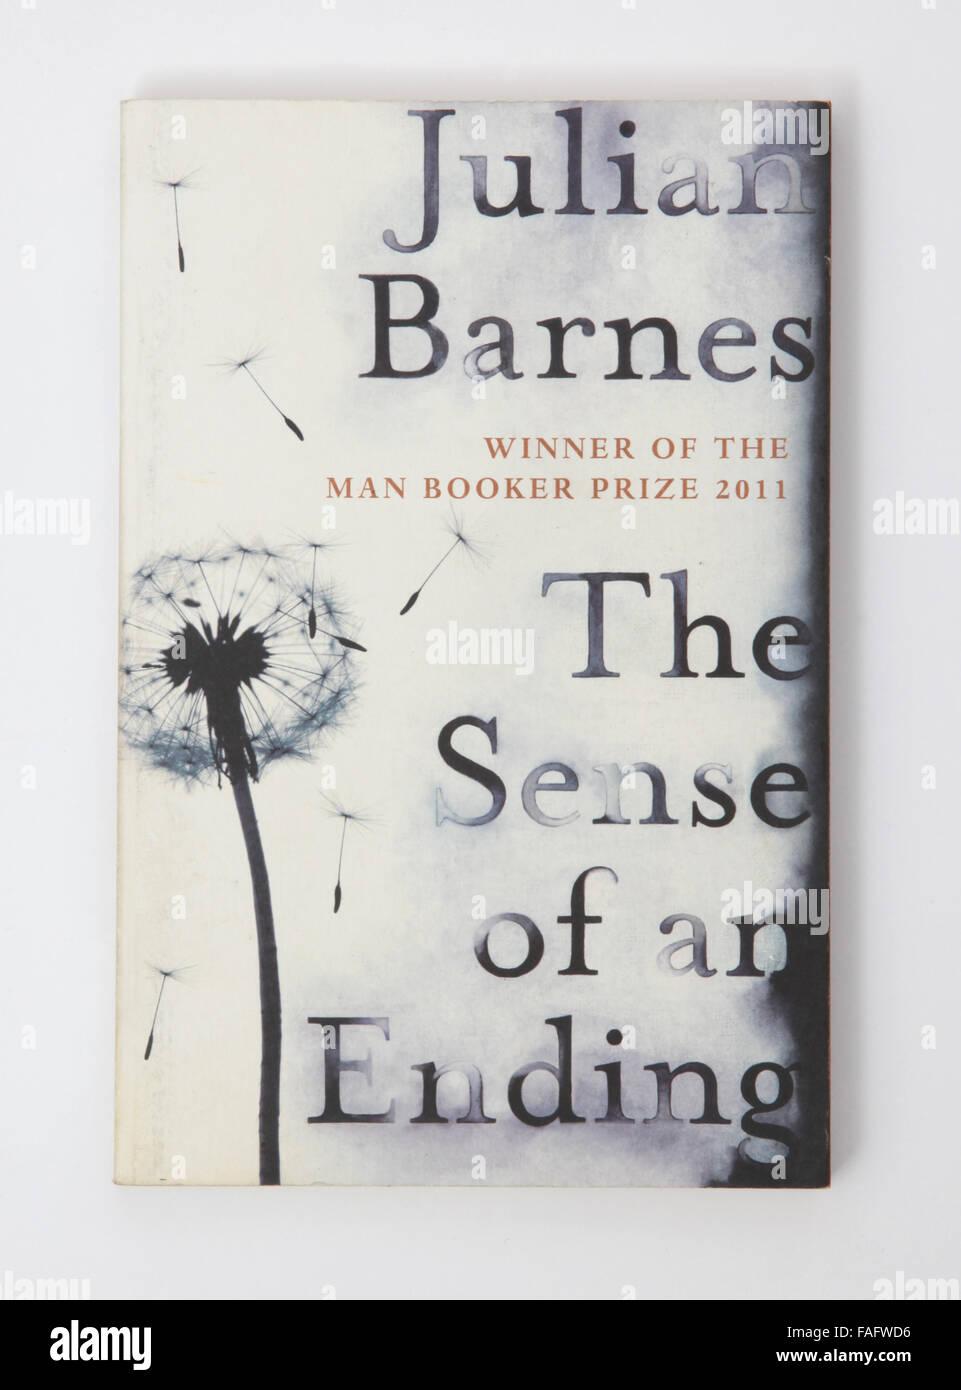 Le livre - Le sens de l'un se terminant par Julian Barnes. Gagnant du Man Booker Prize 2011 Photo Stock